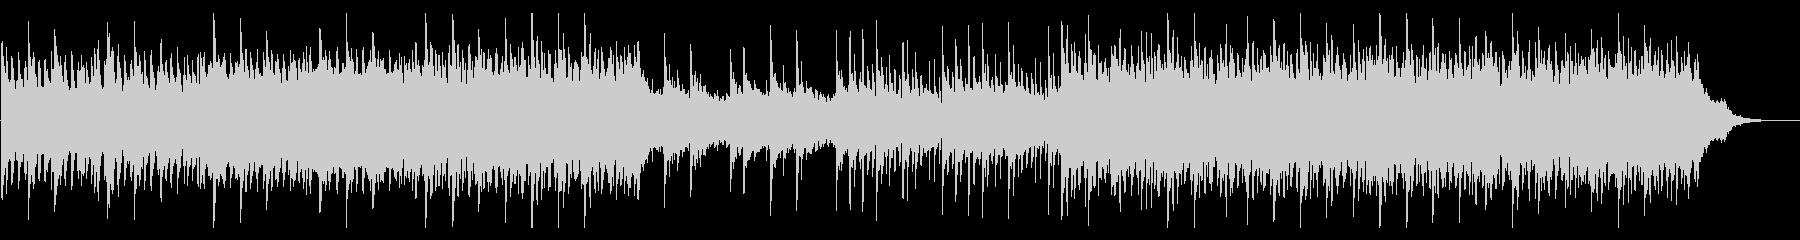 【キック抜】ピアノとシンセの企業系アンビの未再生の波形